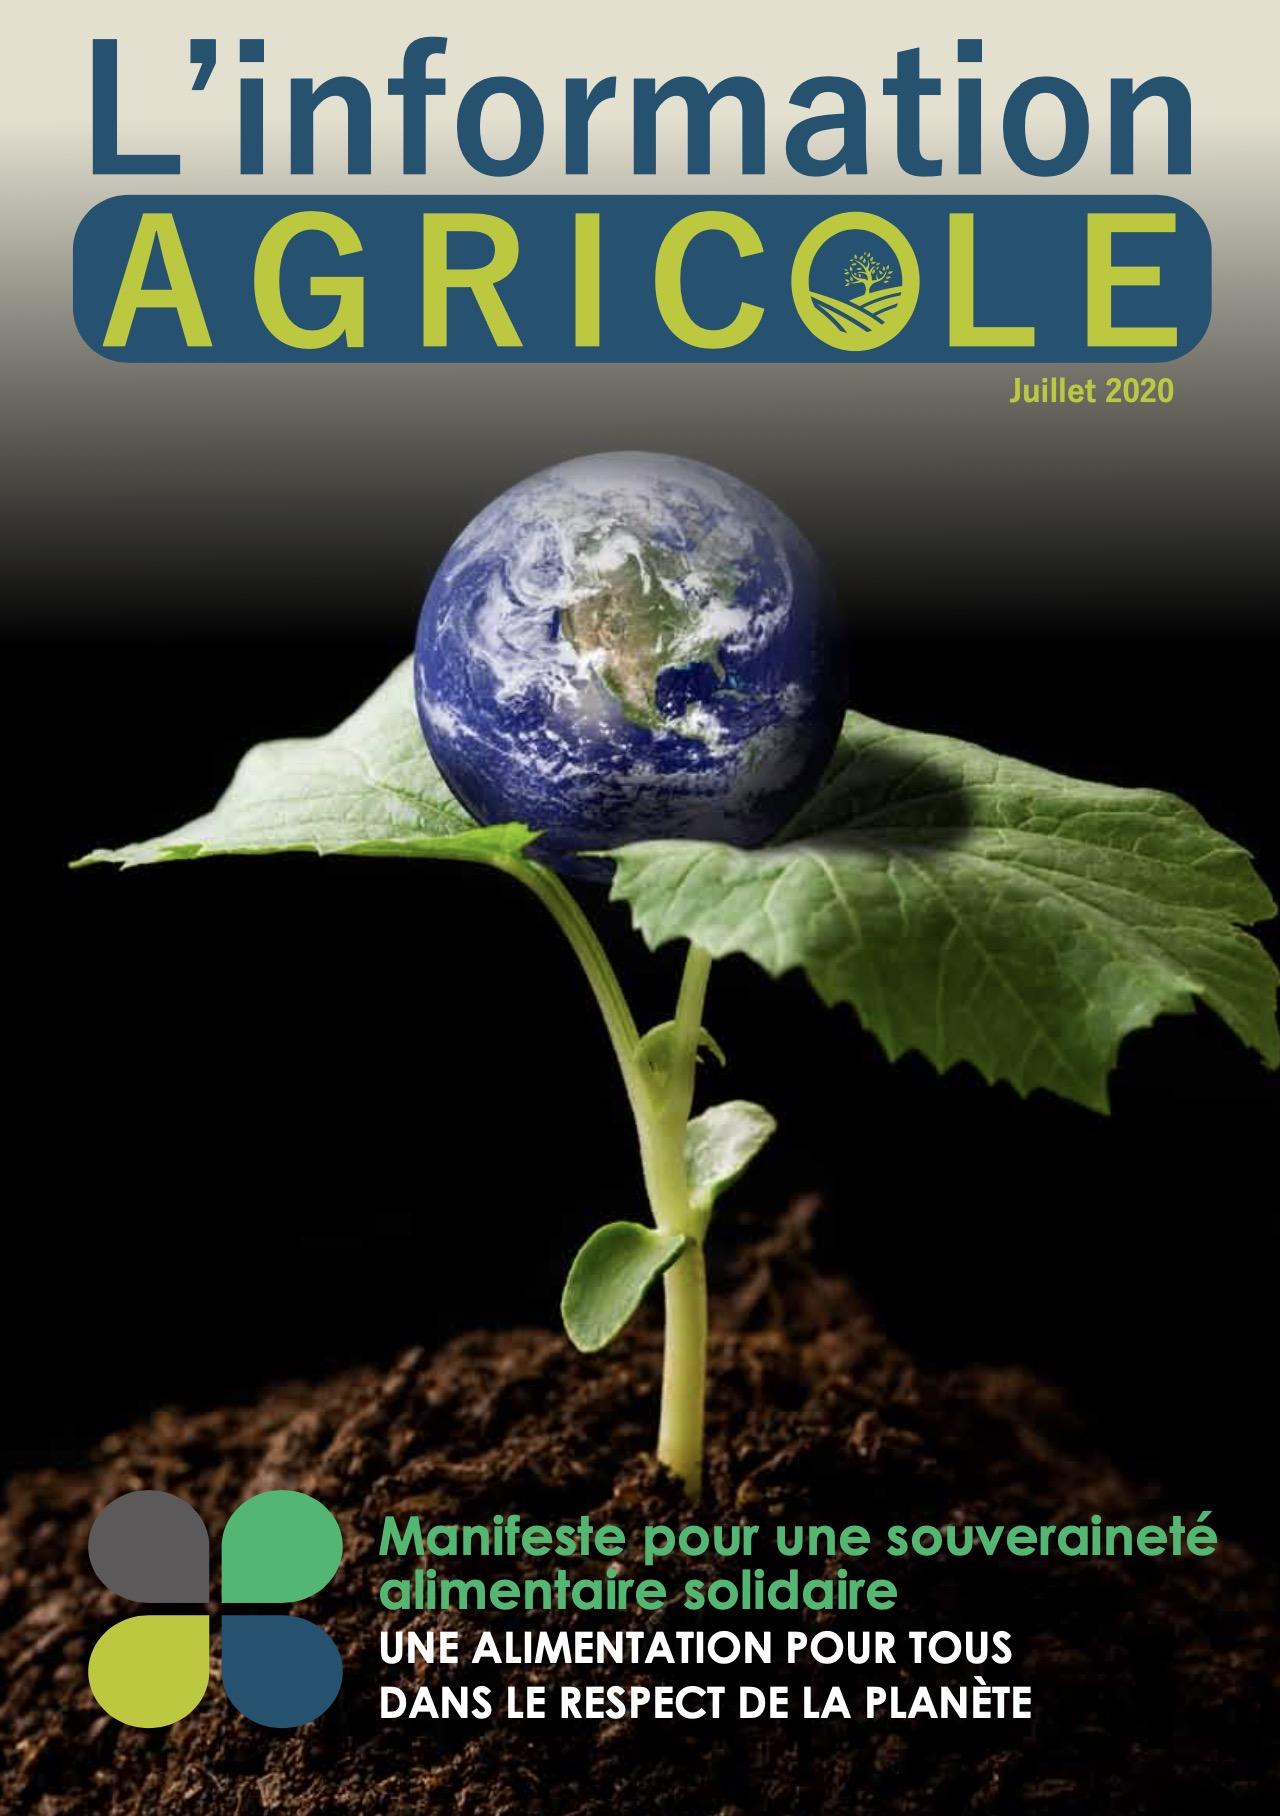 L'Information Agricole – Juillet 2020